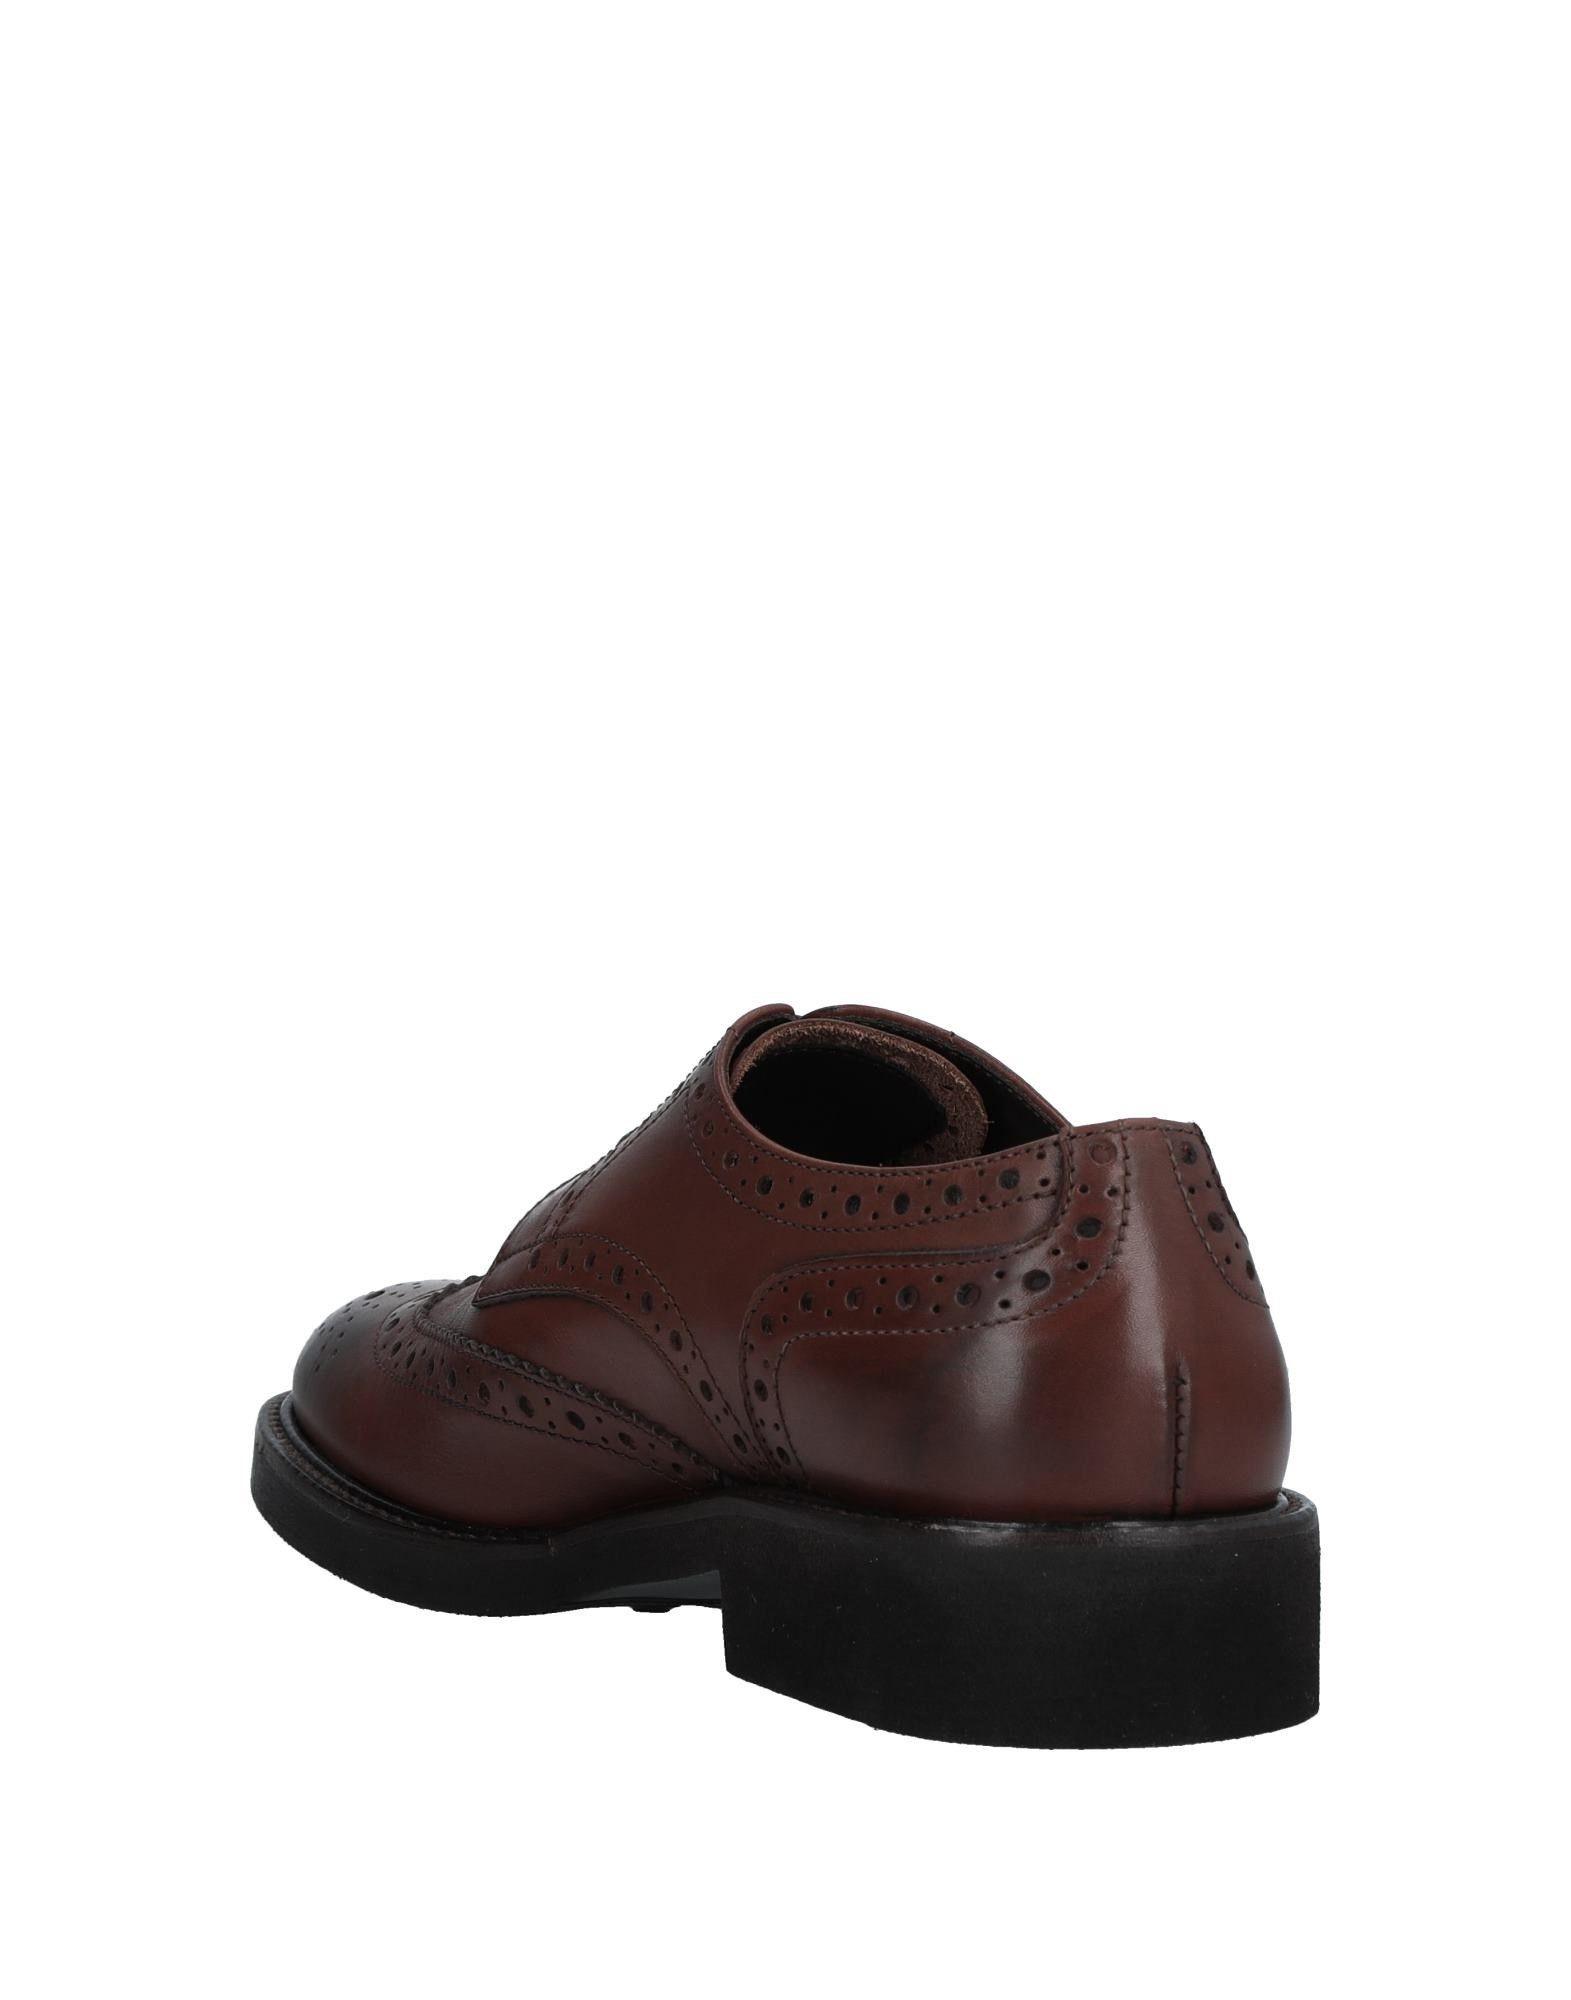 Andrea Morando Schnürschuhe Damen 11525129MF Gute Schuhe Qualität beliebte Schuhe Gute 820d35